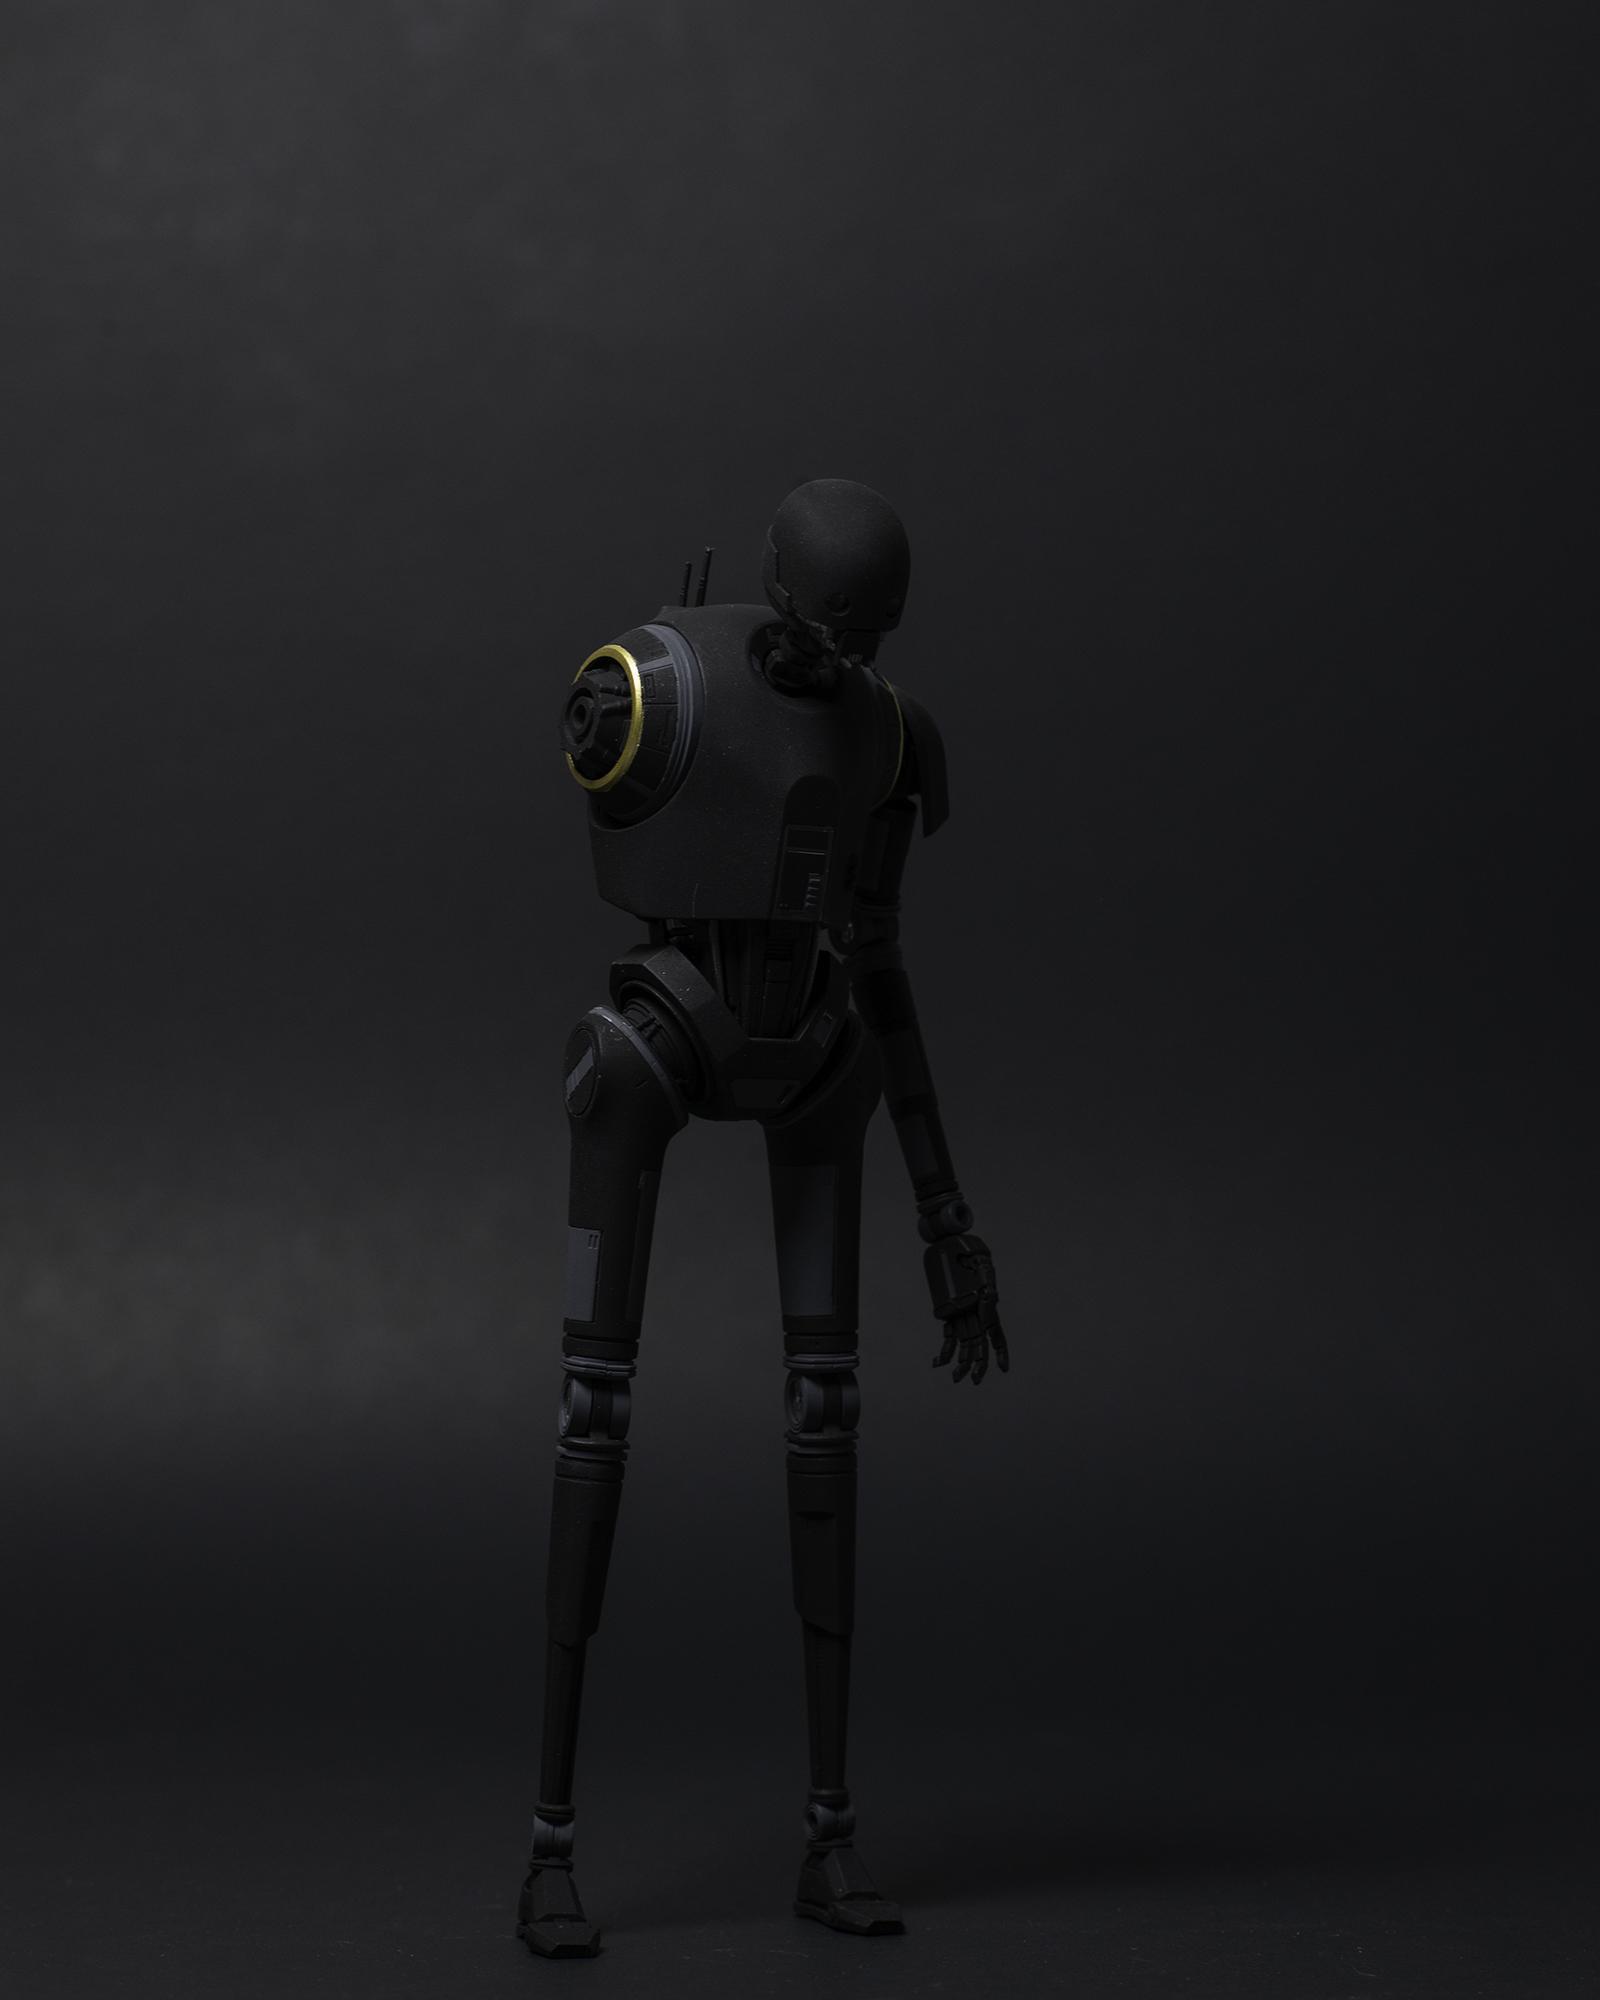 K2SO_Dark.jpg